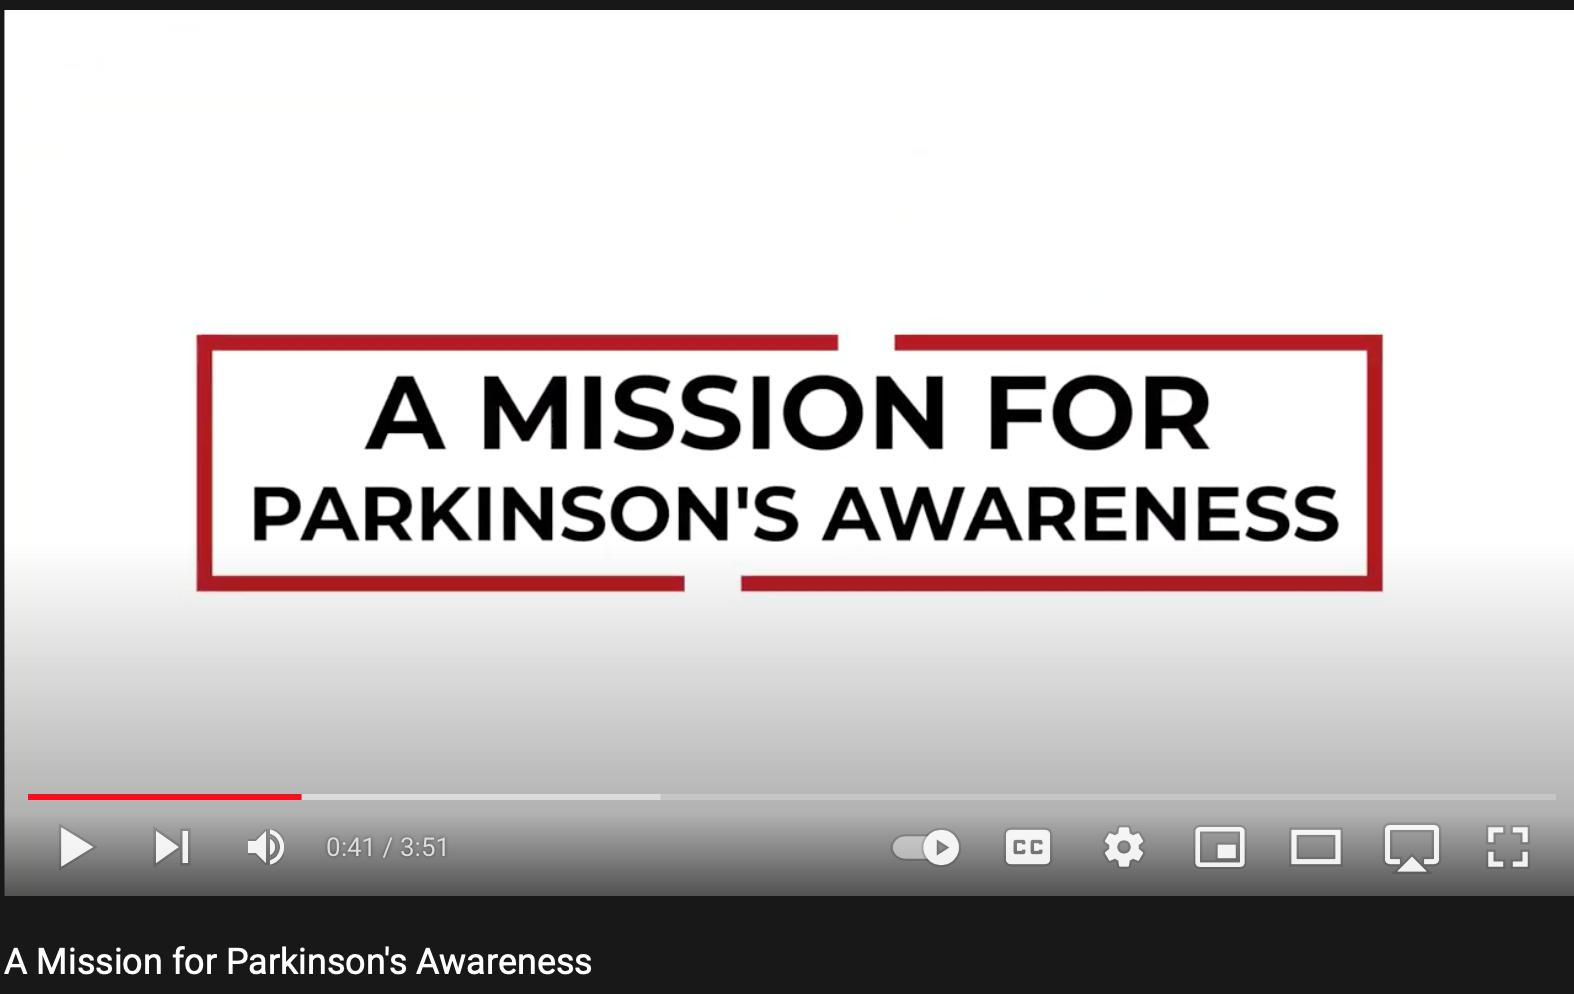 Parkinson's Mission